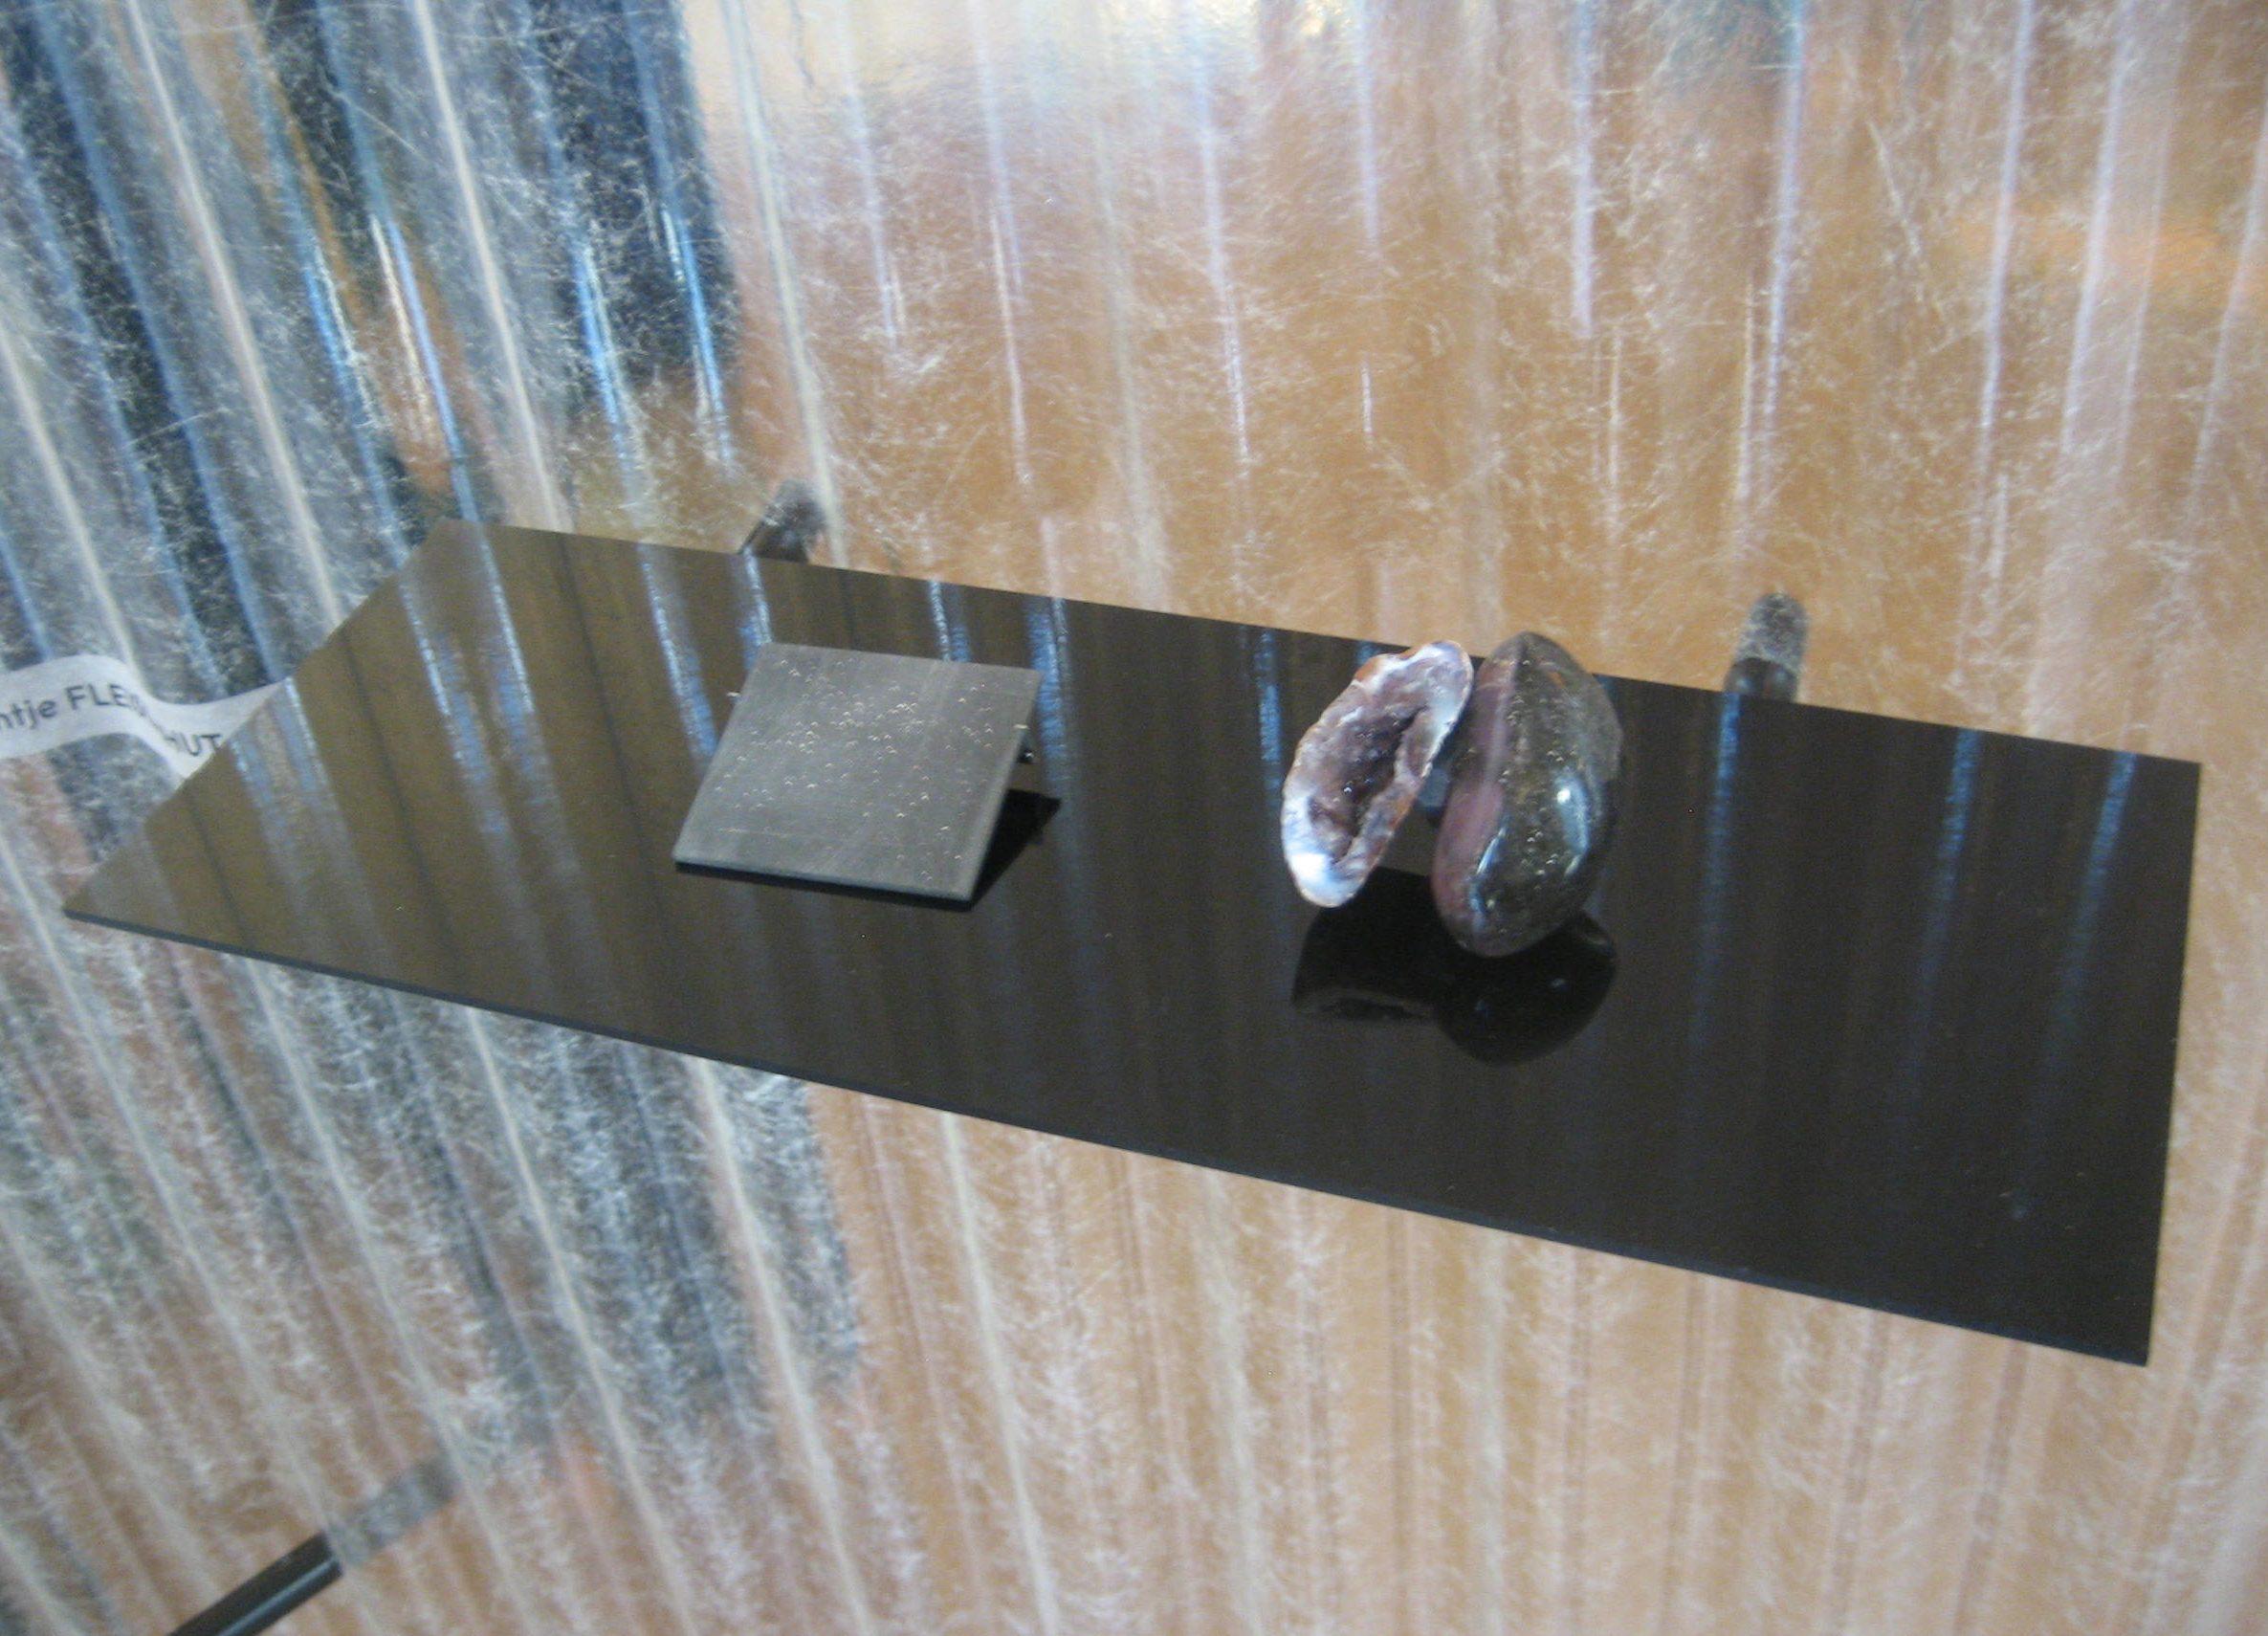 Jantje Fleischhut, halssieraad. Stralen & Reflecteren, Atelier Néerlandais, Parijs, oktober 2017, metaal, steen, tentoonstelling